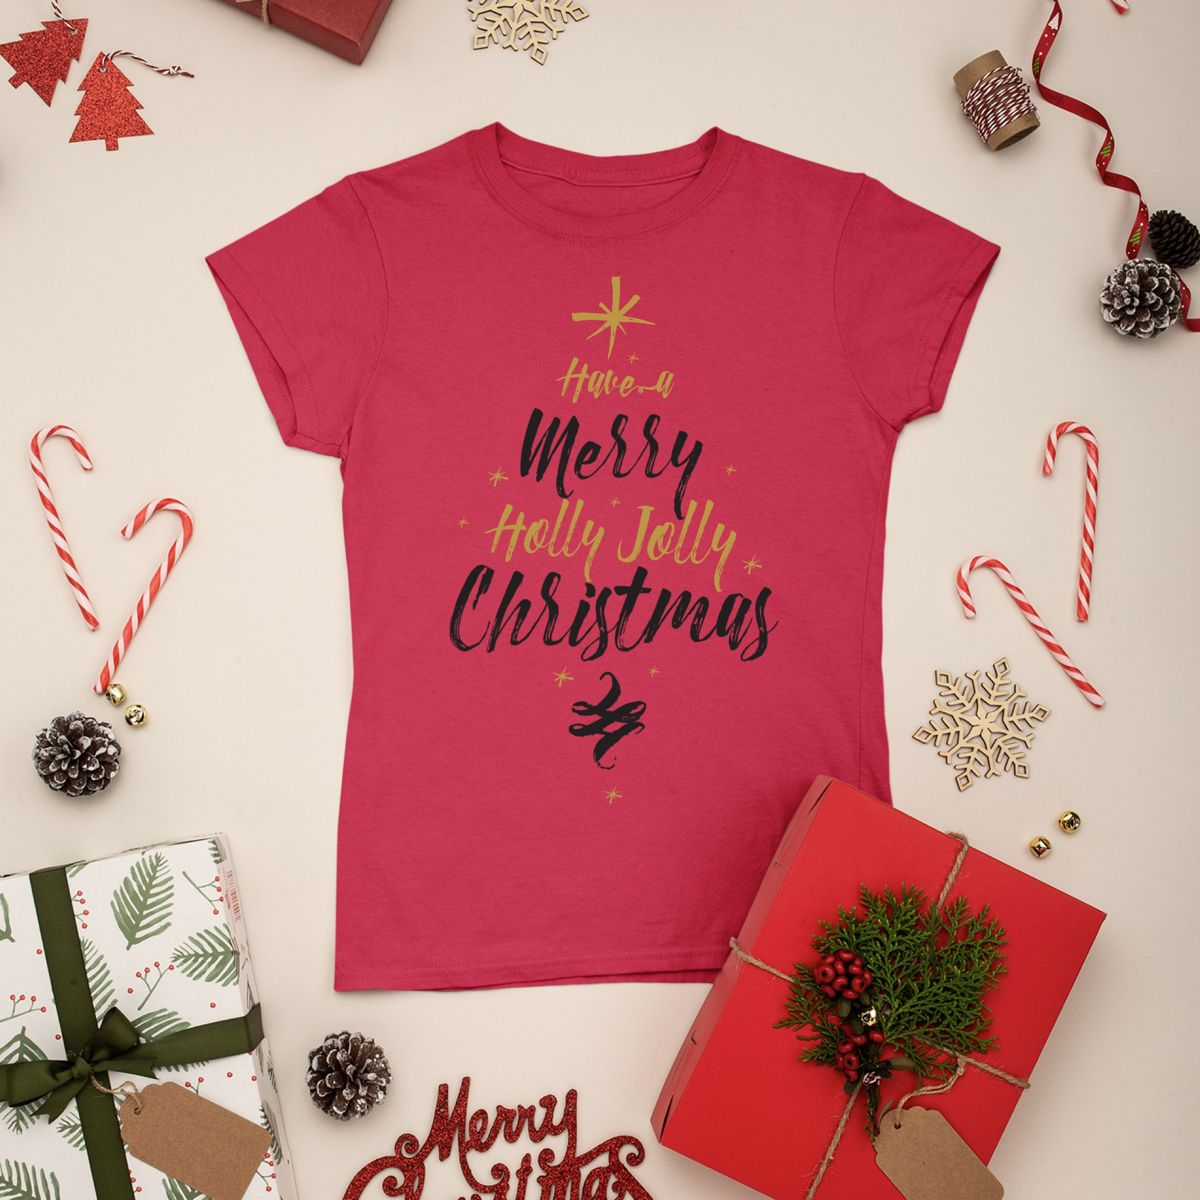 #merrychristmas #christmasshirts #christmastree #christmaspajamas